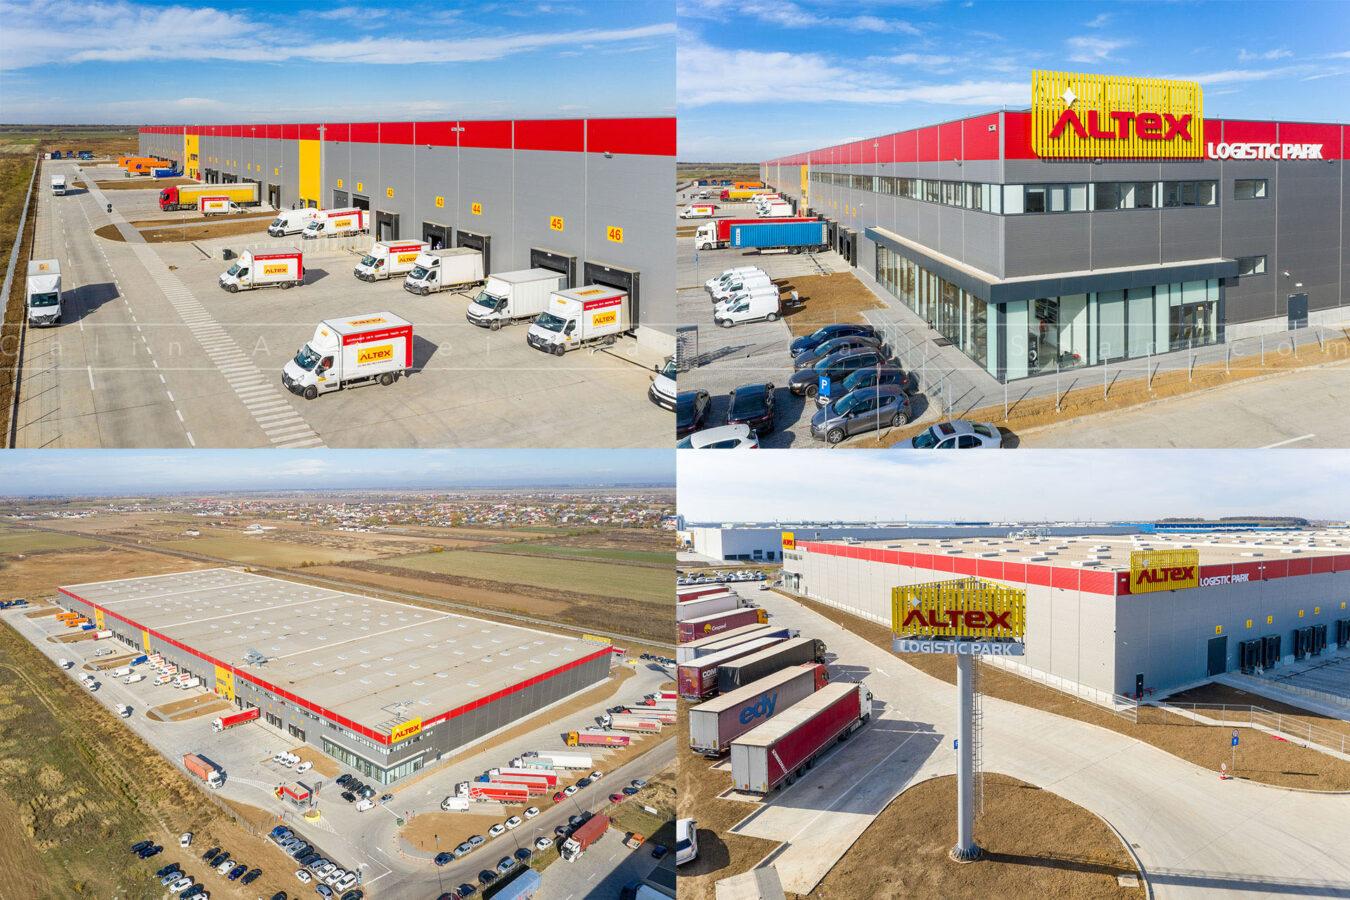 Fotografie corporate warehousing